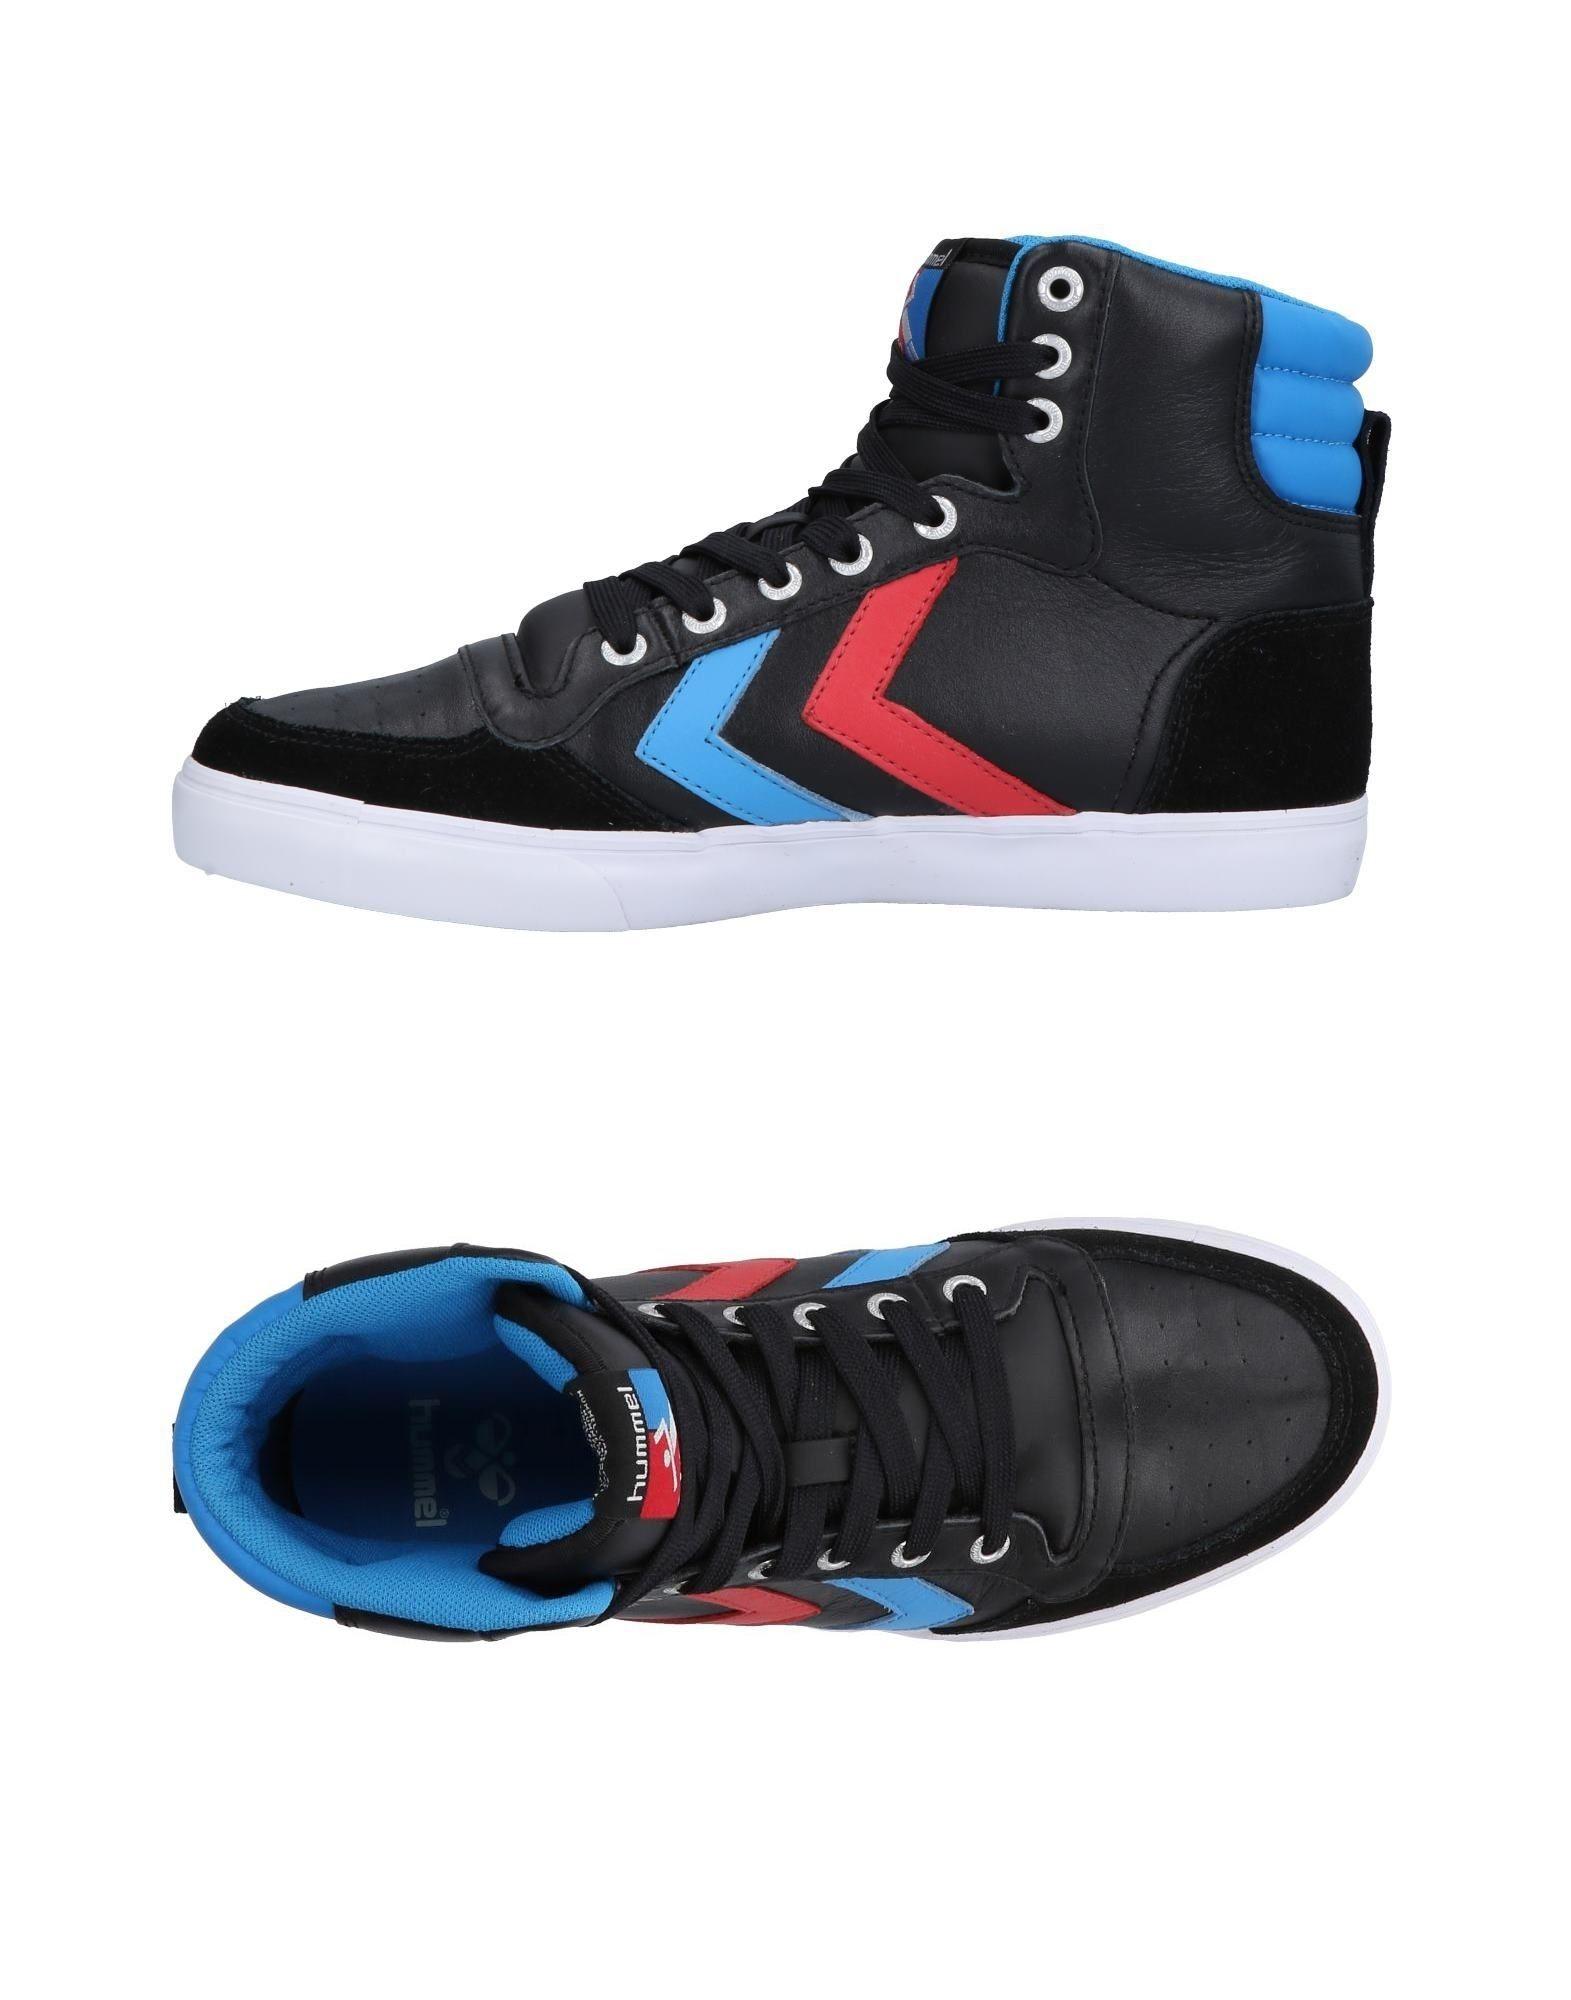 Hummel Sneakers - Men Hummel Sneakers - online on  Canada - Sneakers 11487081MQ 009e62